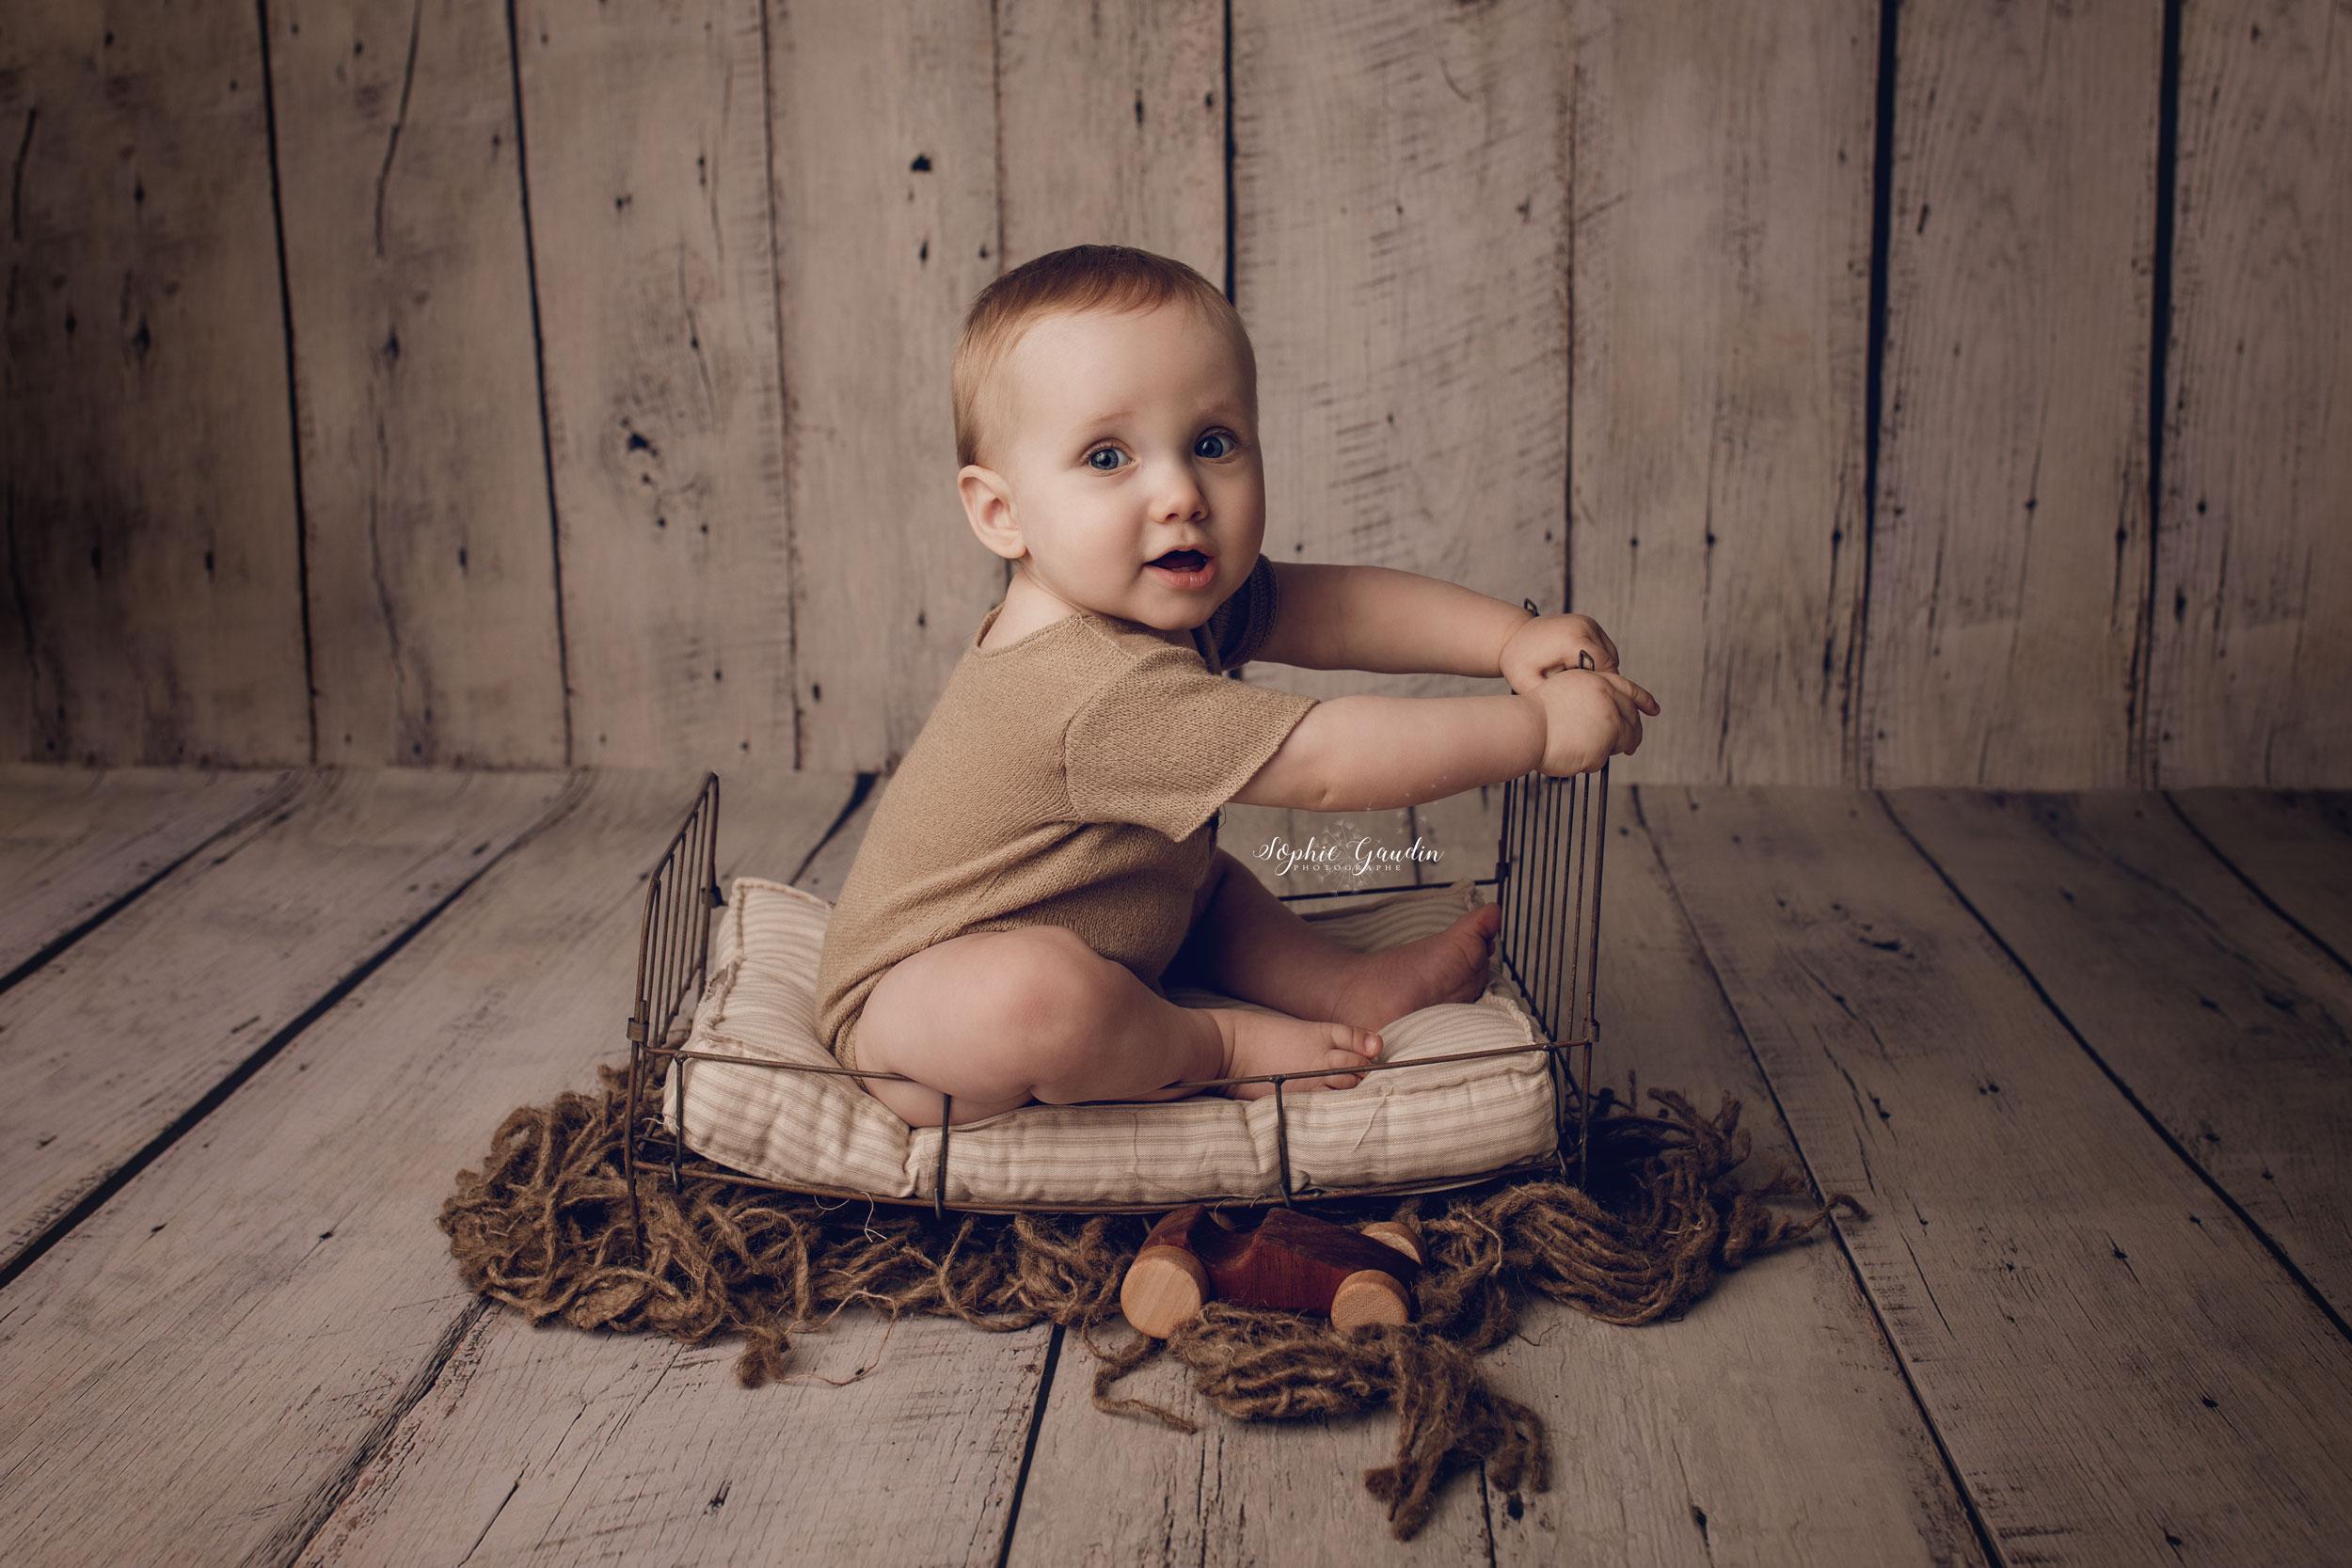 photographe-bebe-artistique-dinard-dinan